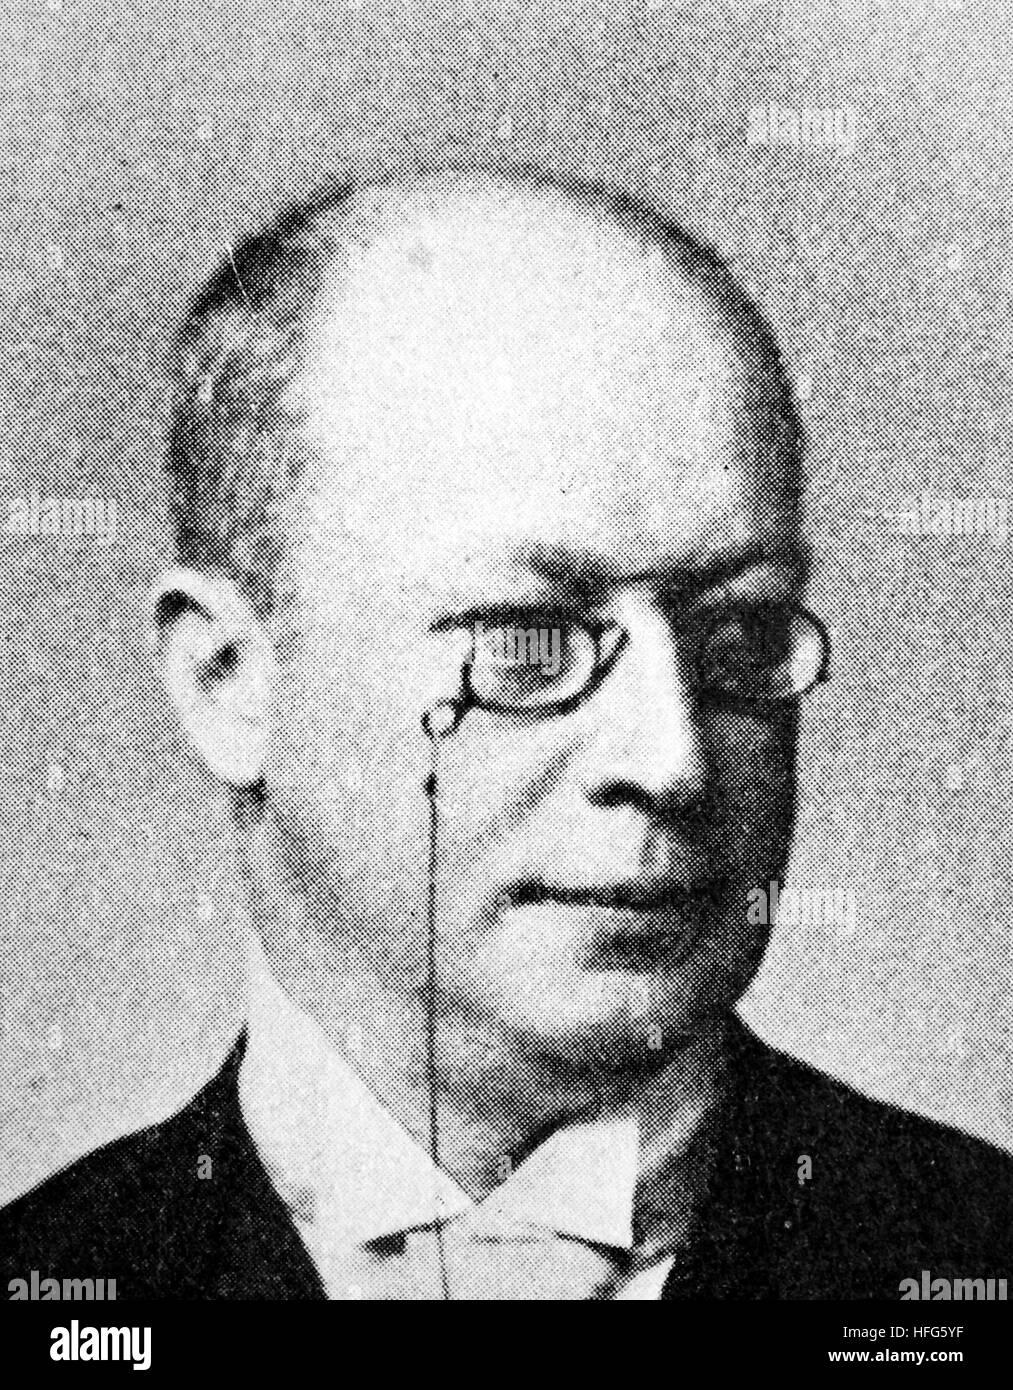 Adolf Klein, 1847 - 1931, era un attore austriaco e direttore del teatro, riproduzione foto dall'anno 1895, Immagini Stock